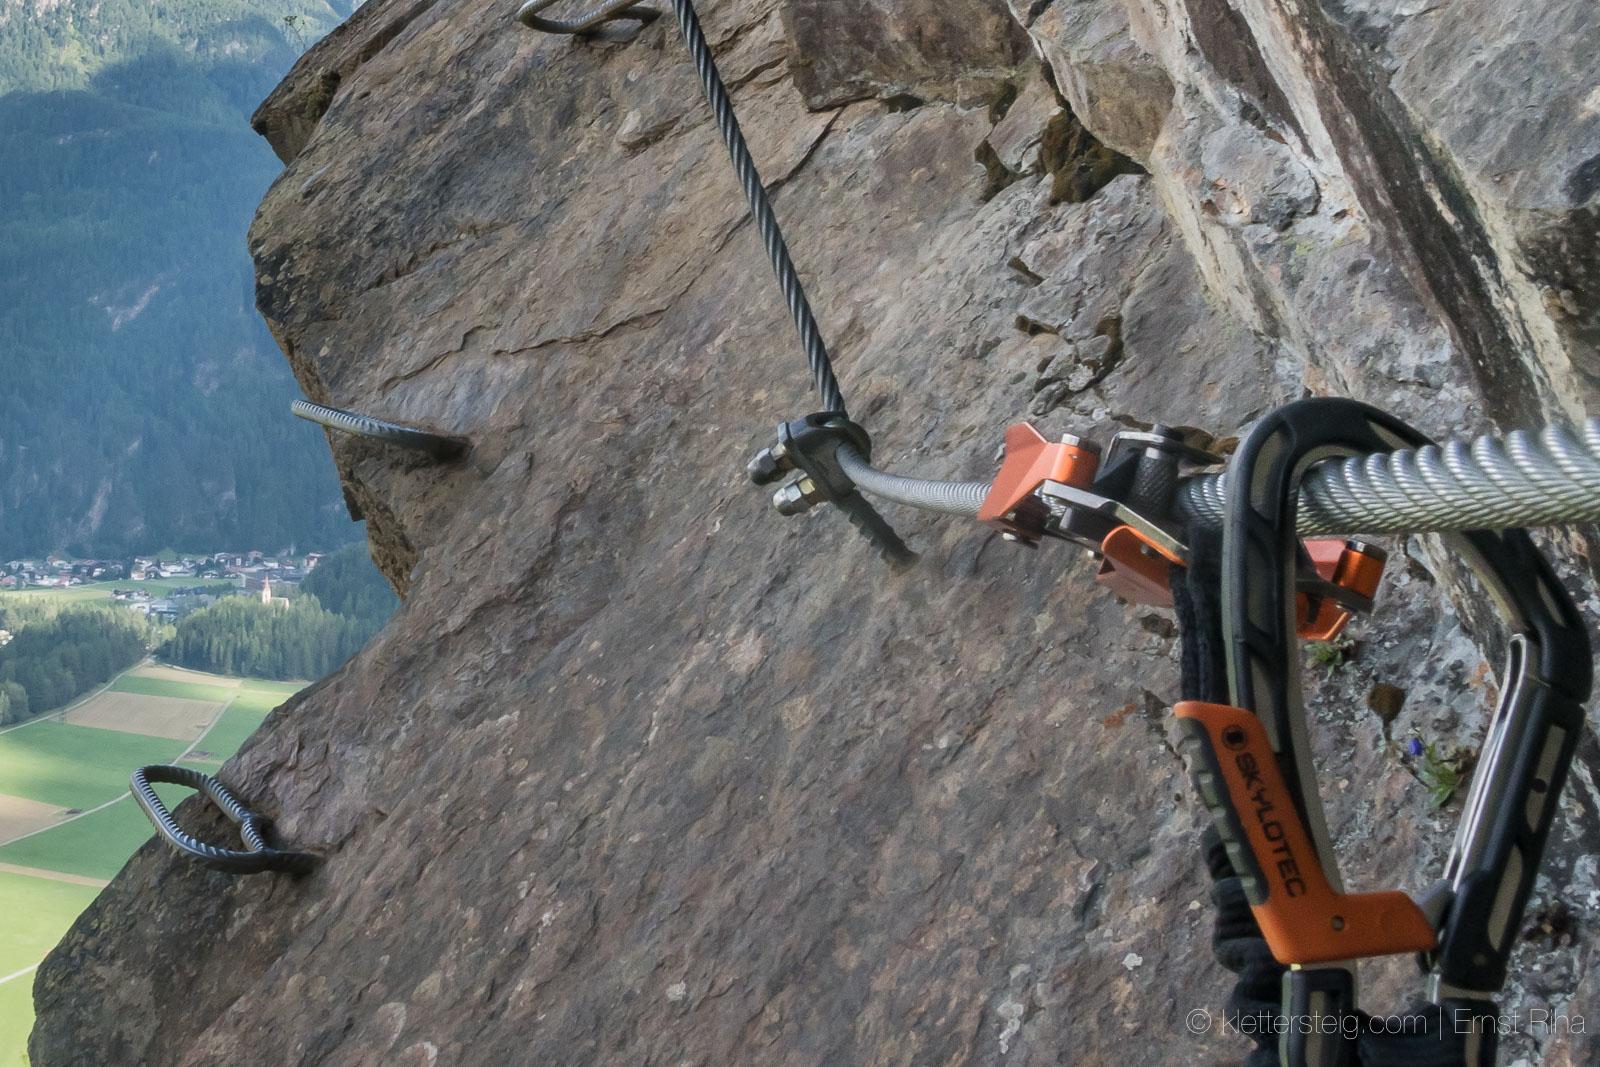 Klettersteigset Rückruf : Rückruf klettersteigset skylotec klettersteige